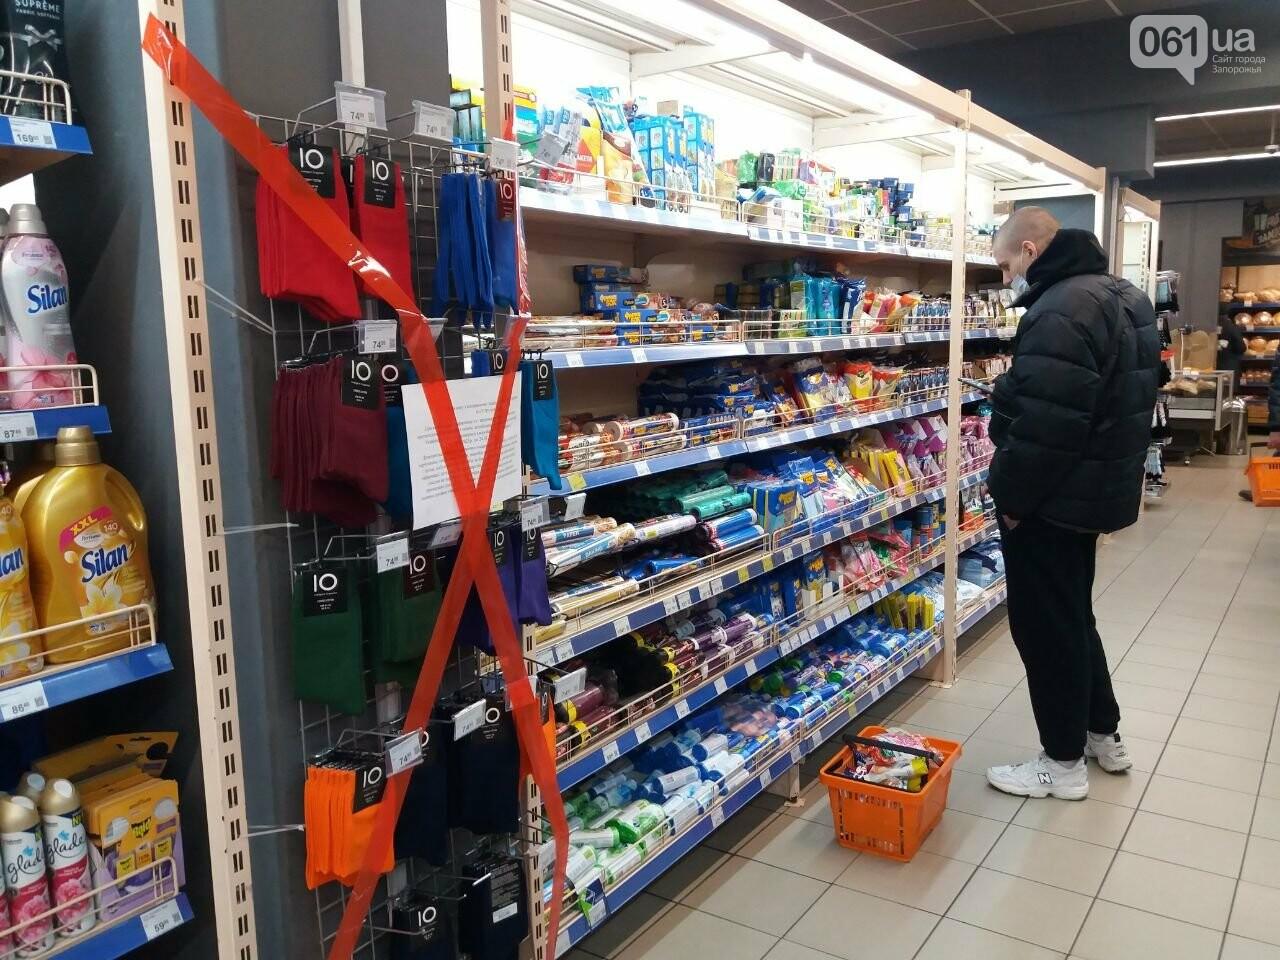 Защитные ленты на товарах, неработающие ТРЦ и полузакрытые рынки – фоторепортаж о первом дне локдауна в Запорожье, фото-18